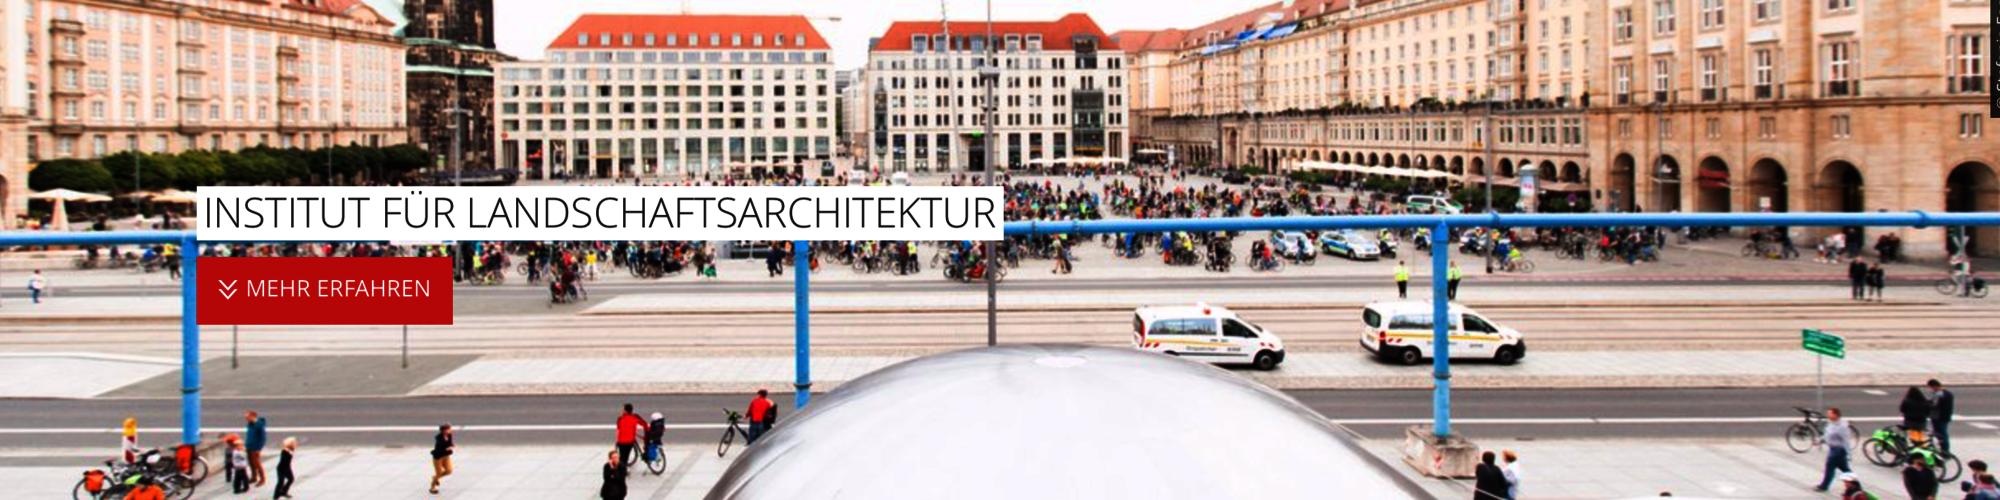 TU Dresden, Fakultät für Landschaftsarchitektur